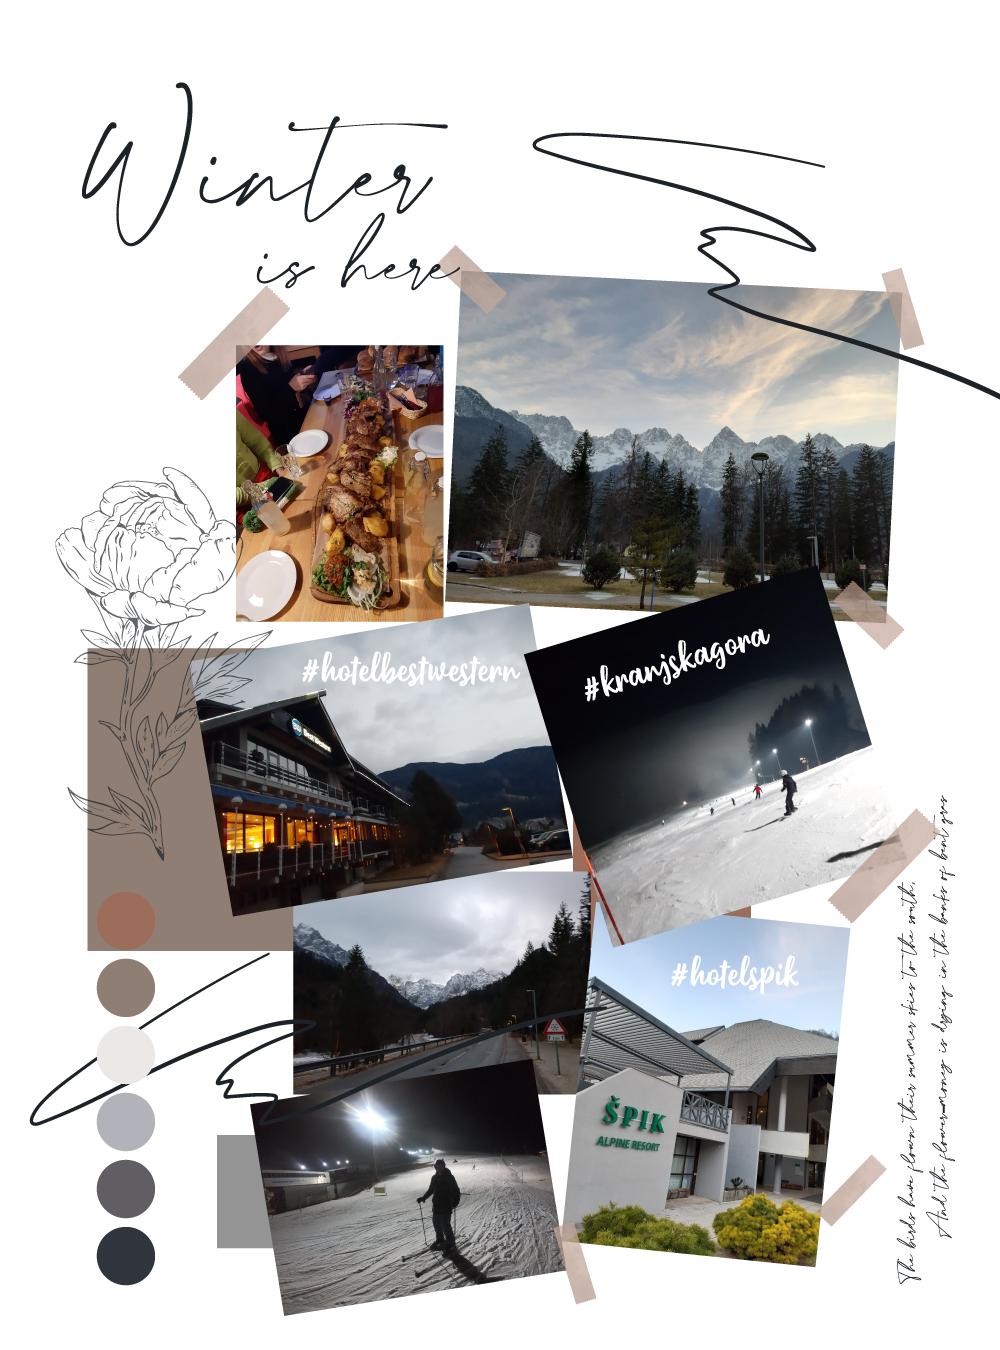 kranjskagora text Vodič za zimu u Sloveniji: Mesta koja treba da posetiš + iskustva koja treba da doživiš